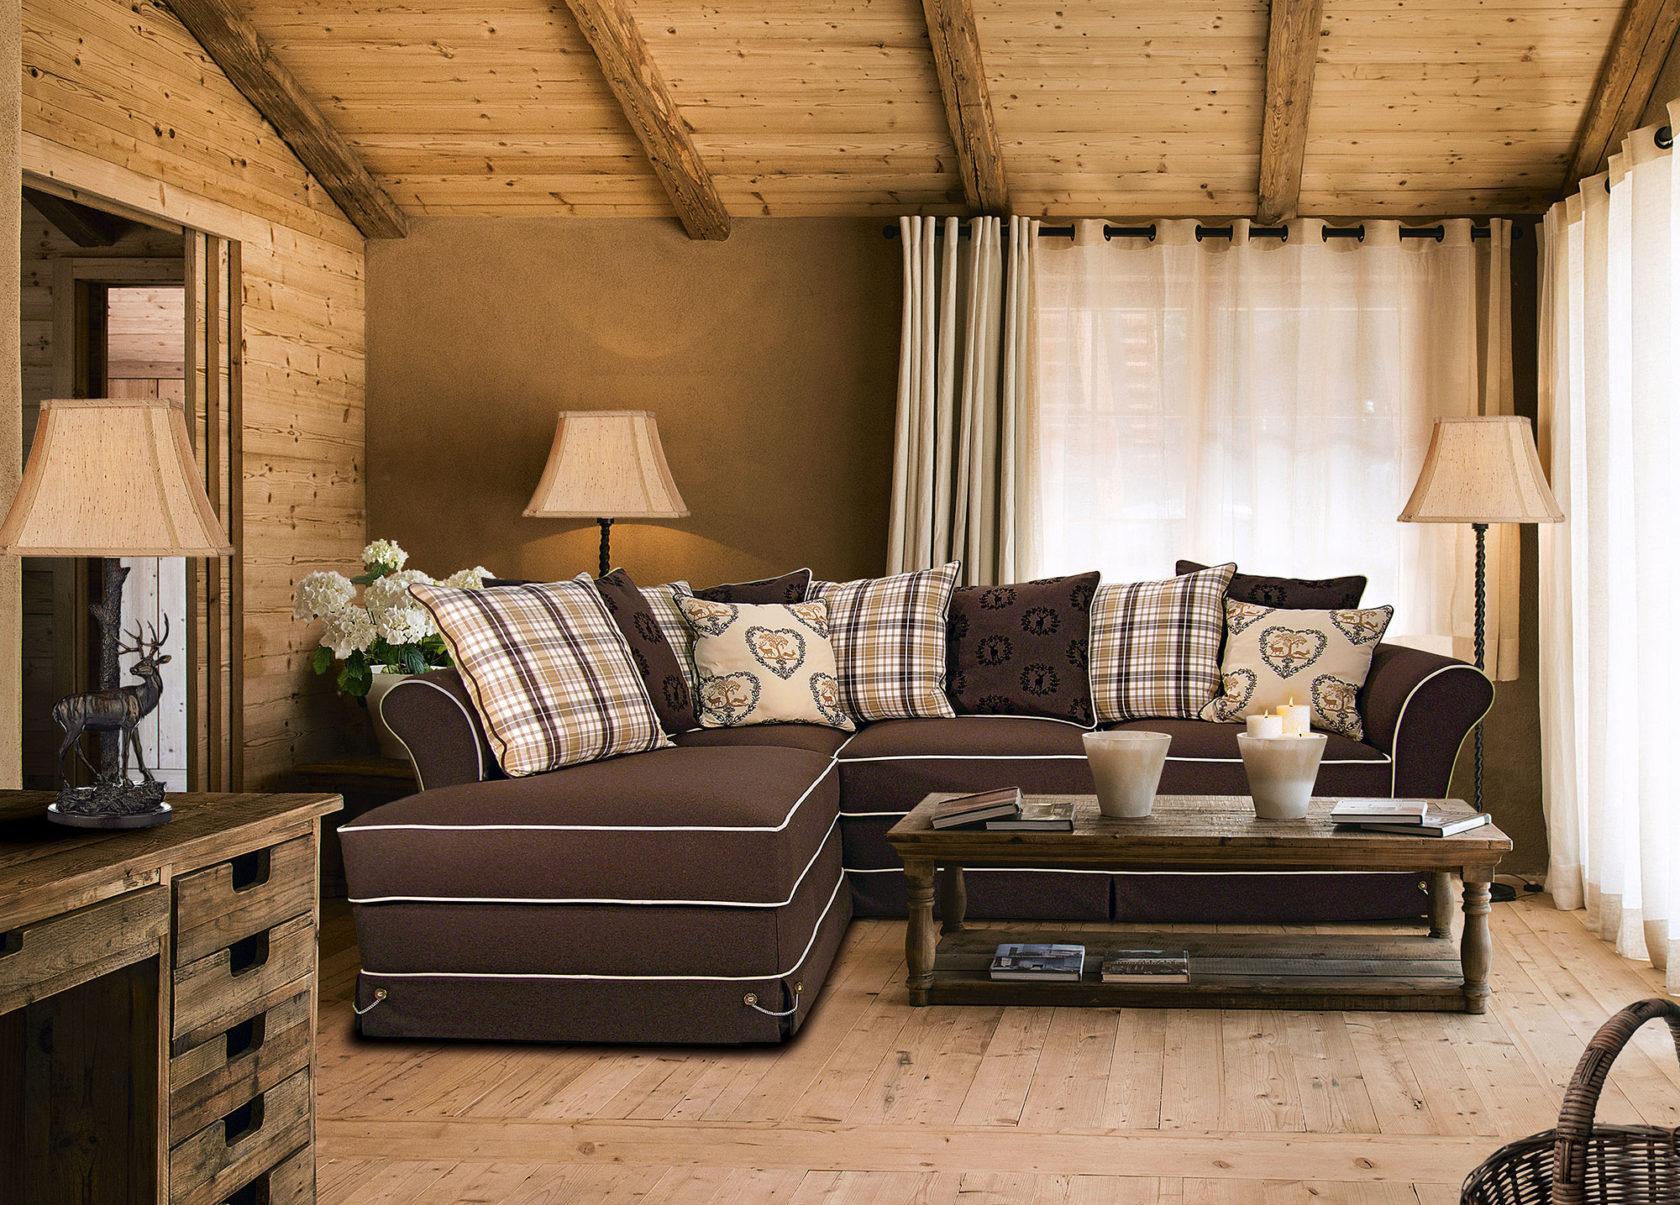 Fabbrica Divani A Brescia divani rustici e moderni di qualità lavorazione artigianale